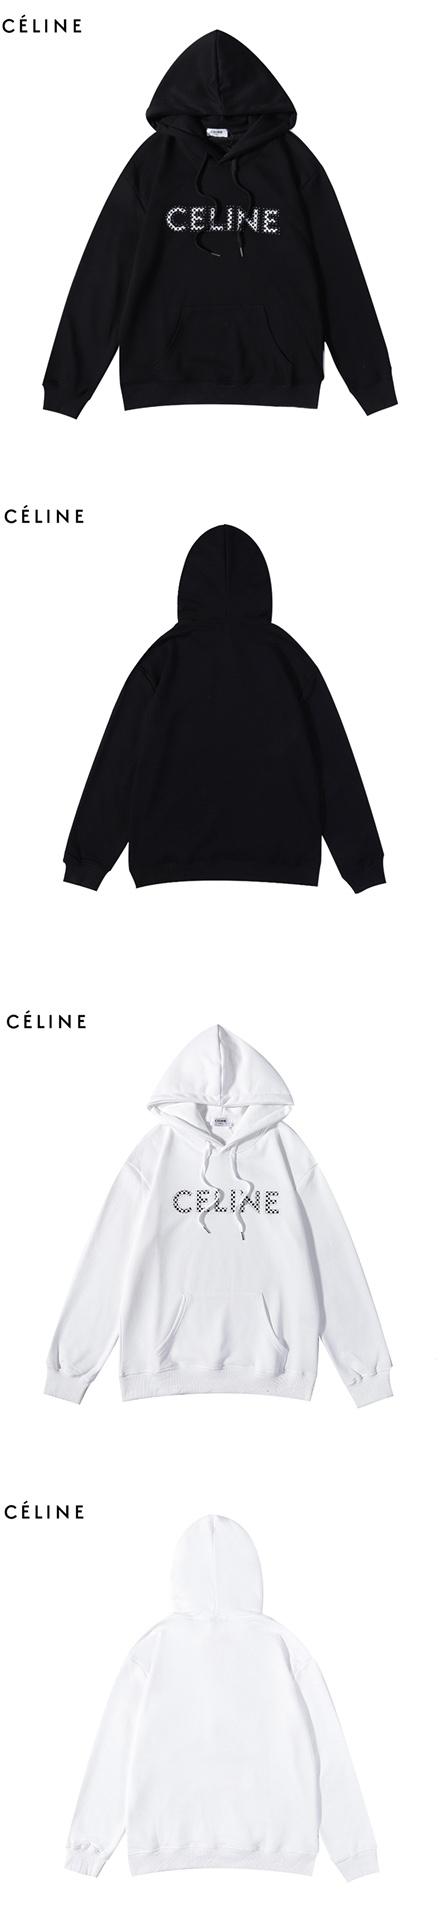 CELINE Hoodies for Men #467017 replica